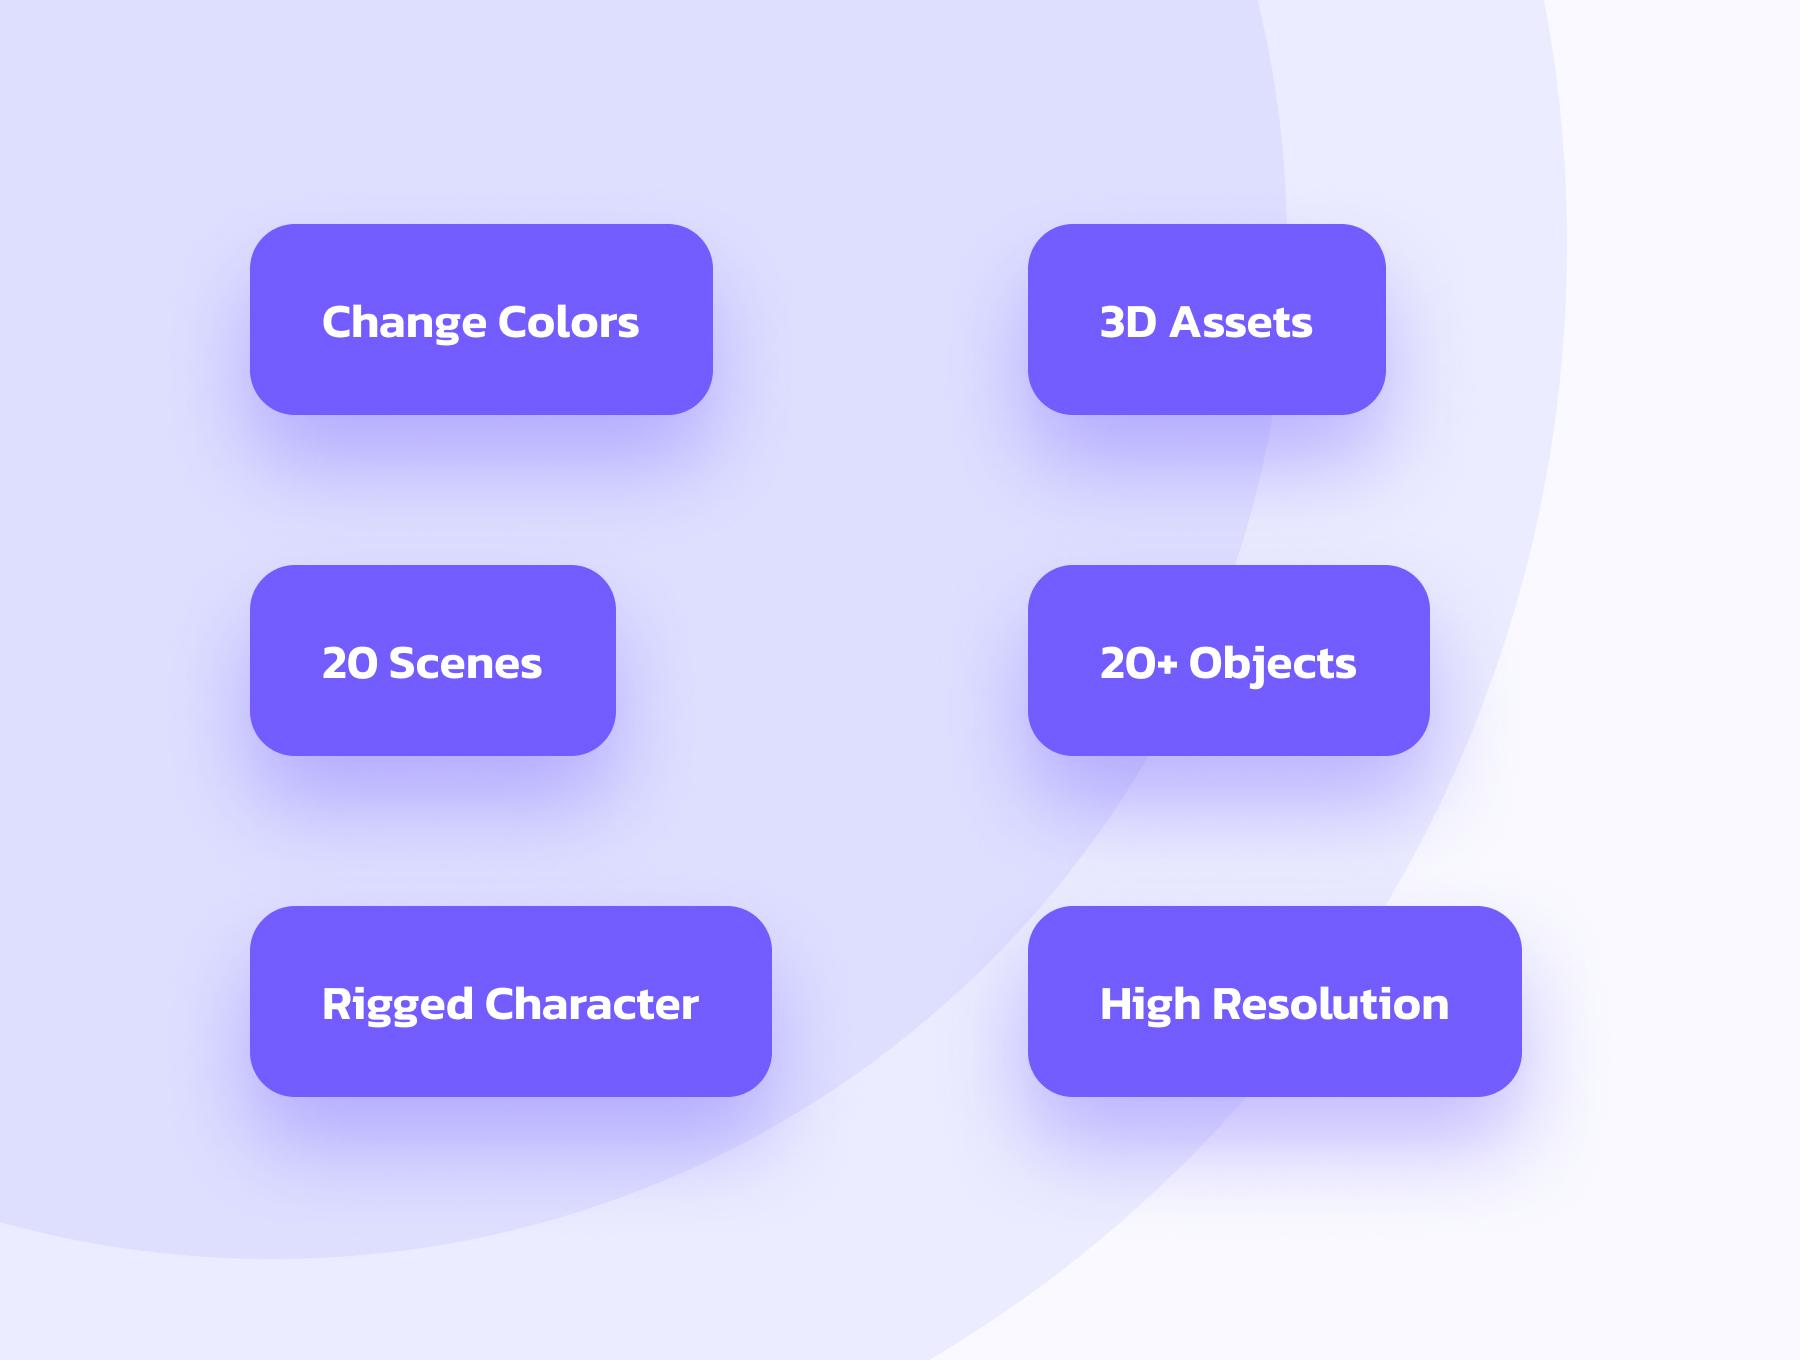 创意潮流卡通人物办公场景APP UI设计3D图标素材包 OUUU!!! 3D Illustration插图1